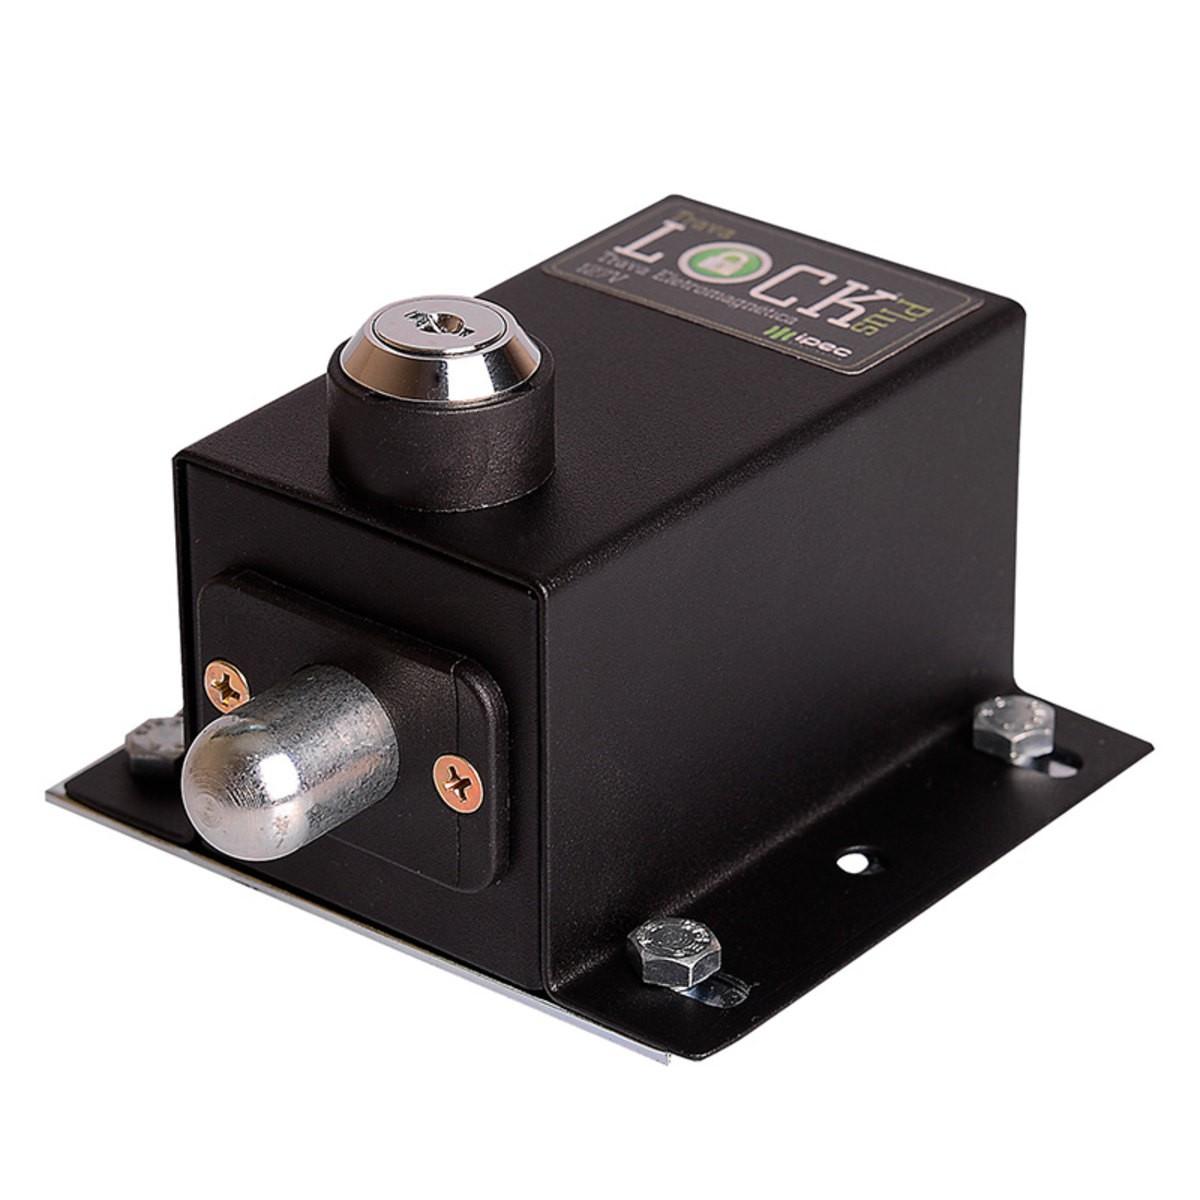 Trava eletromagnética lock plus com temporizador para portão eletrônico - marca Ipec